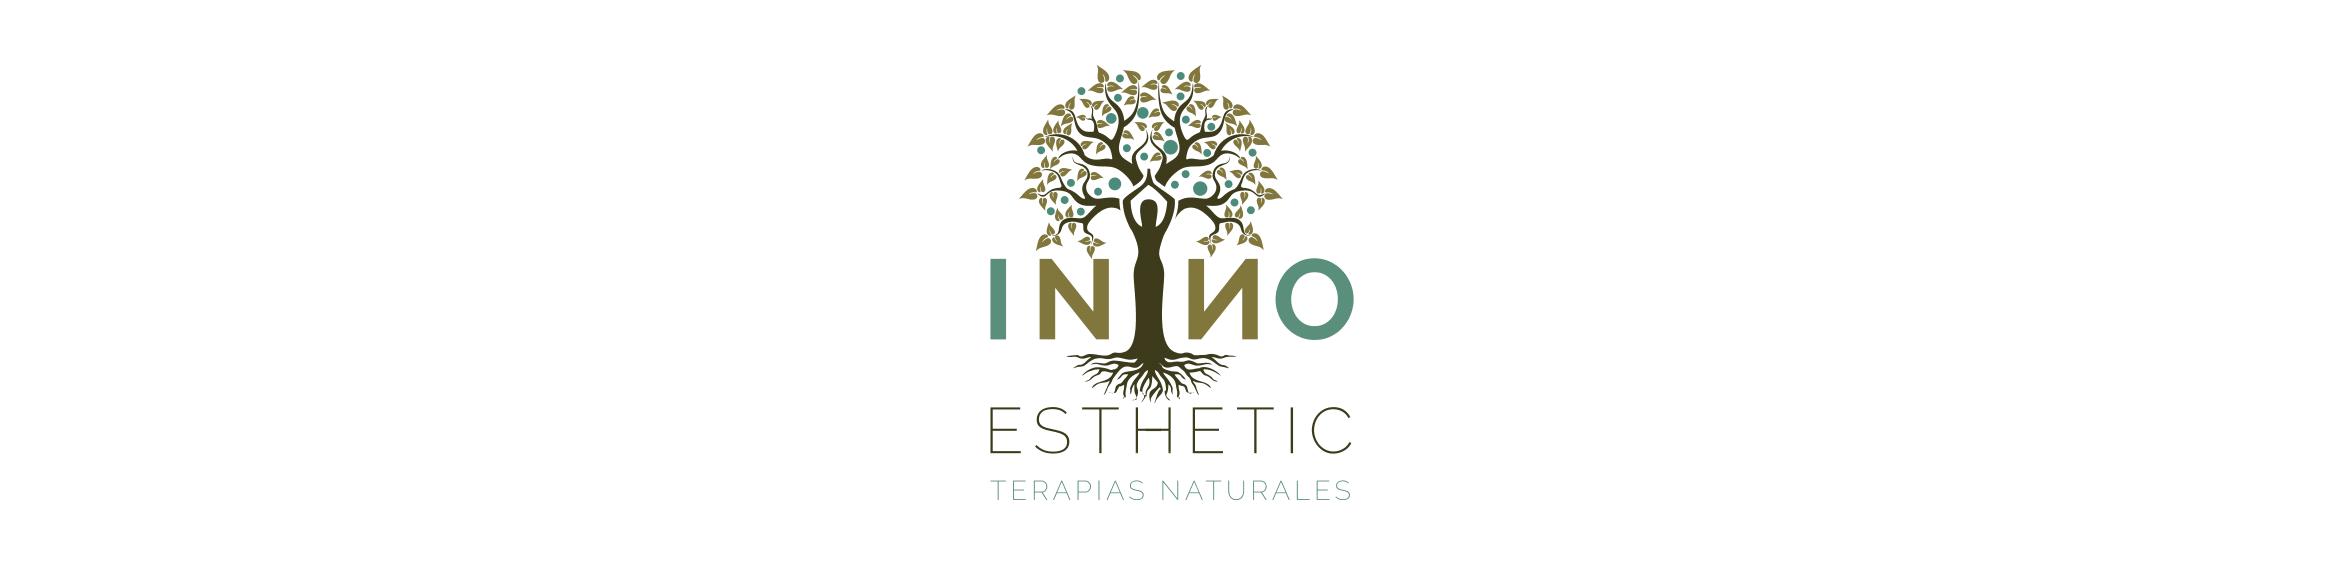 Inno Esthetic | Innovación, estética y bienestar en Bilbao